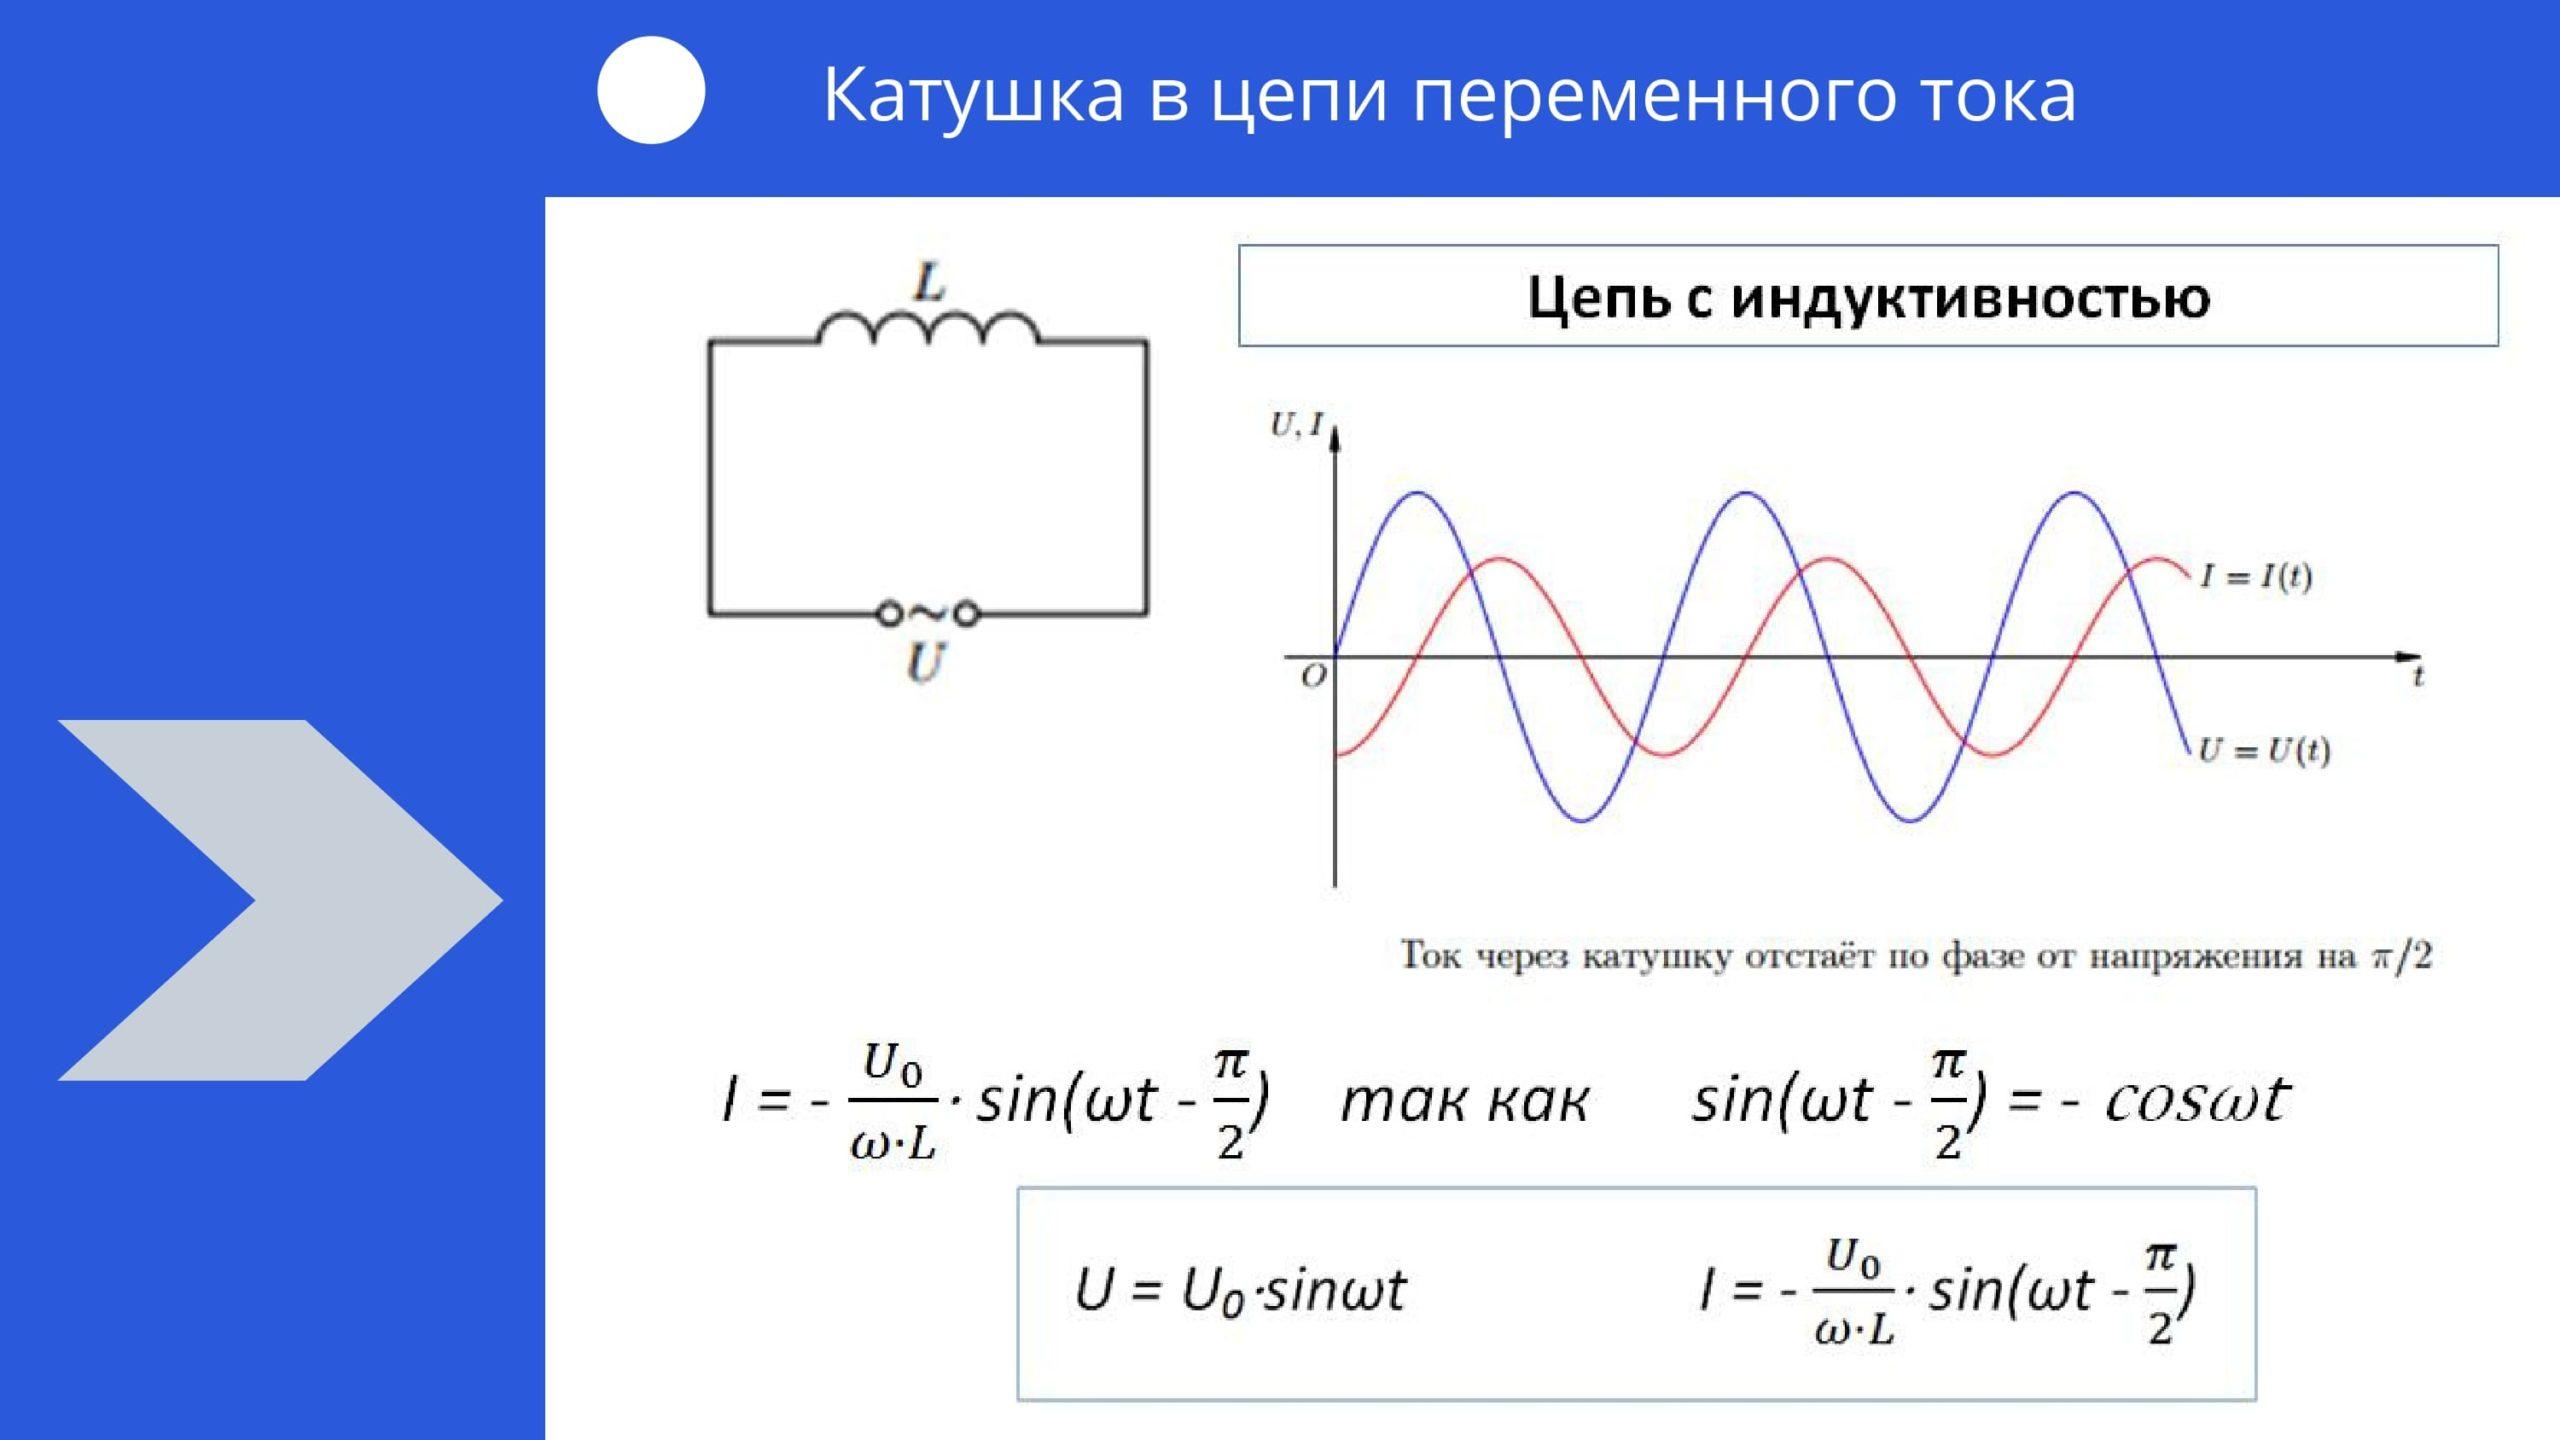 Индуктивность катушки, её назначение, характеристики, формулы